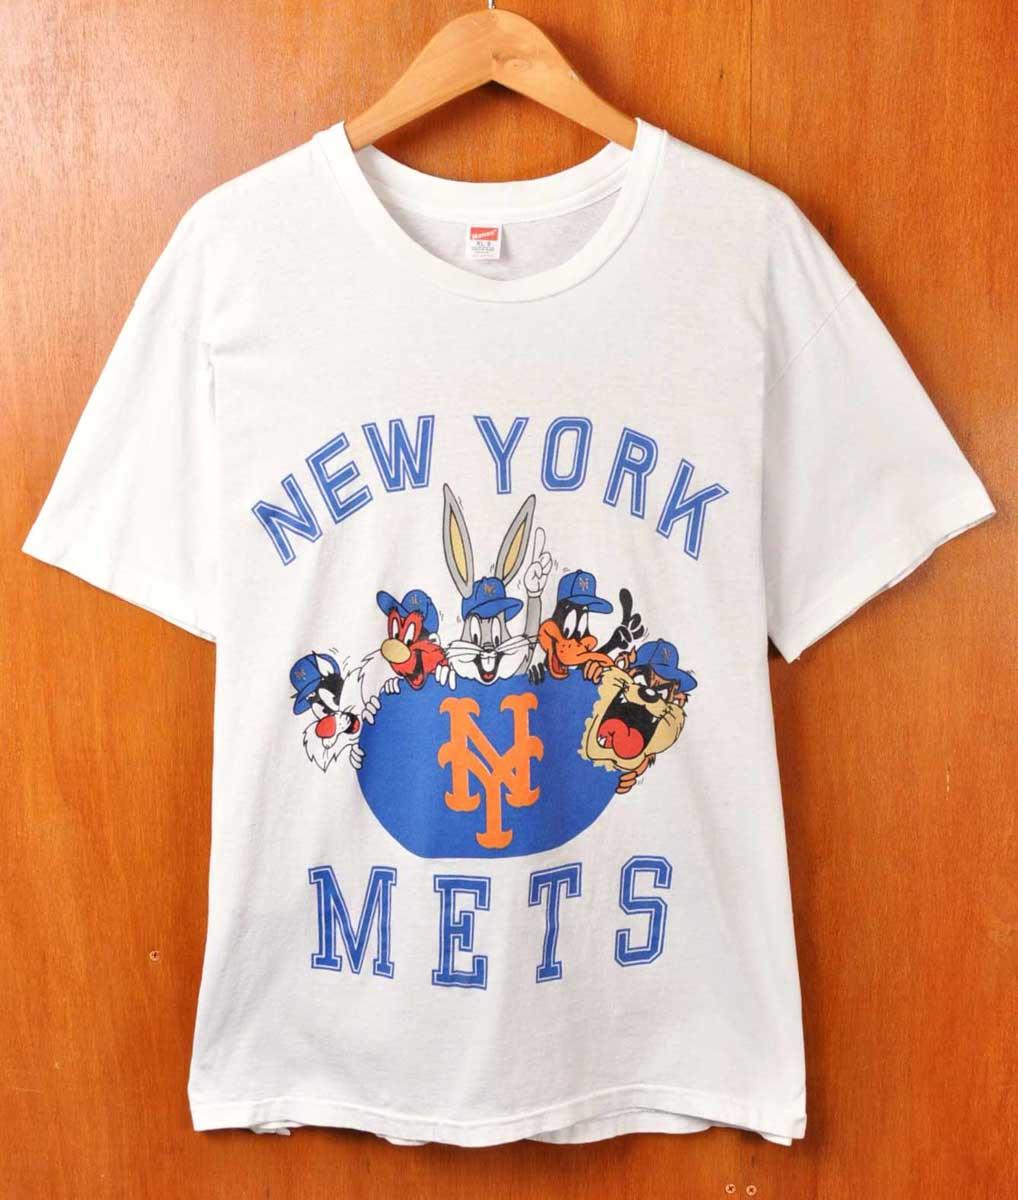 【ビッグTシャツ】【コラボ】ヴィンテージ 1990年代 USA製 / Hanes ヘインズ / Warner Bros. ワーナーブラザーズ LOONEY TUNES ルーニー テューンズ / MLB New York Mets ニューヨーク・メッツ / 半袖Tシャツ / ホワイト / メンズXL【中古】▽